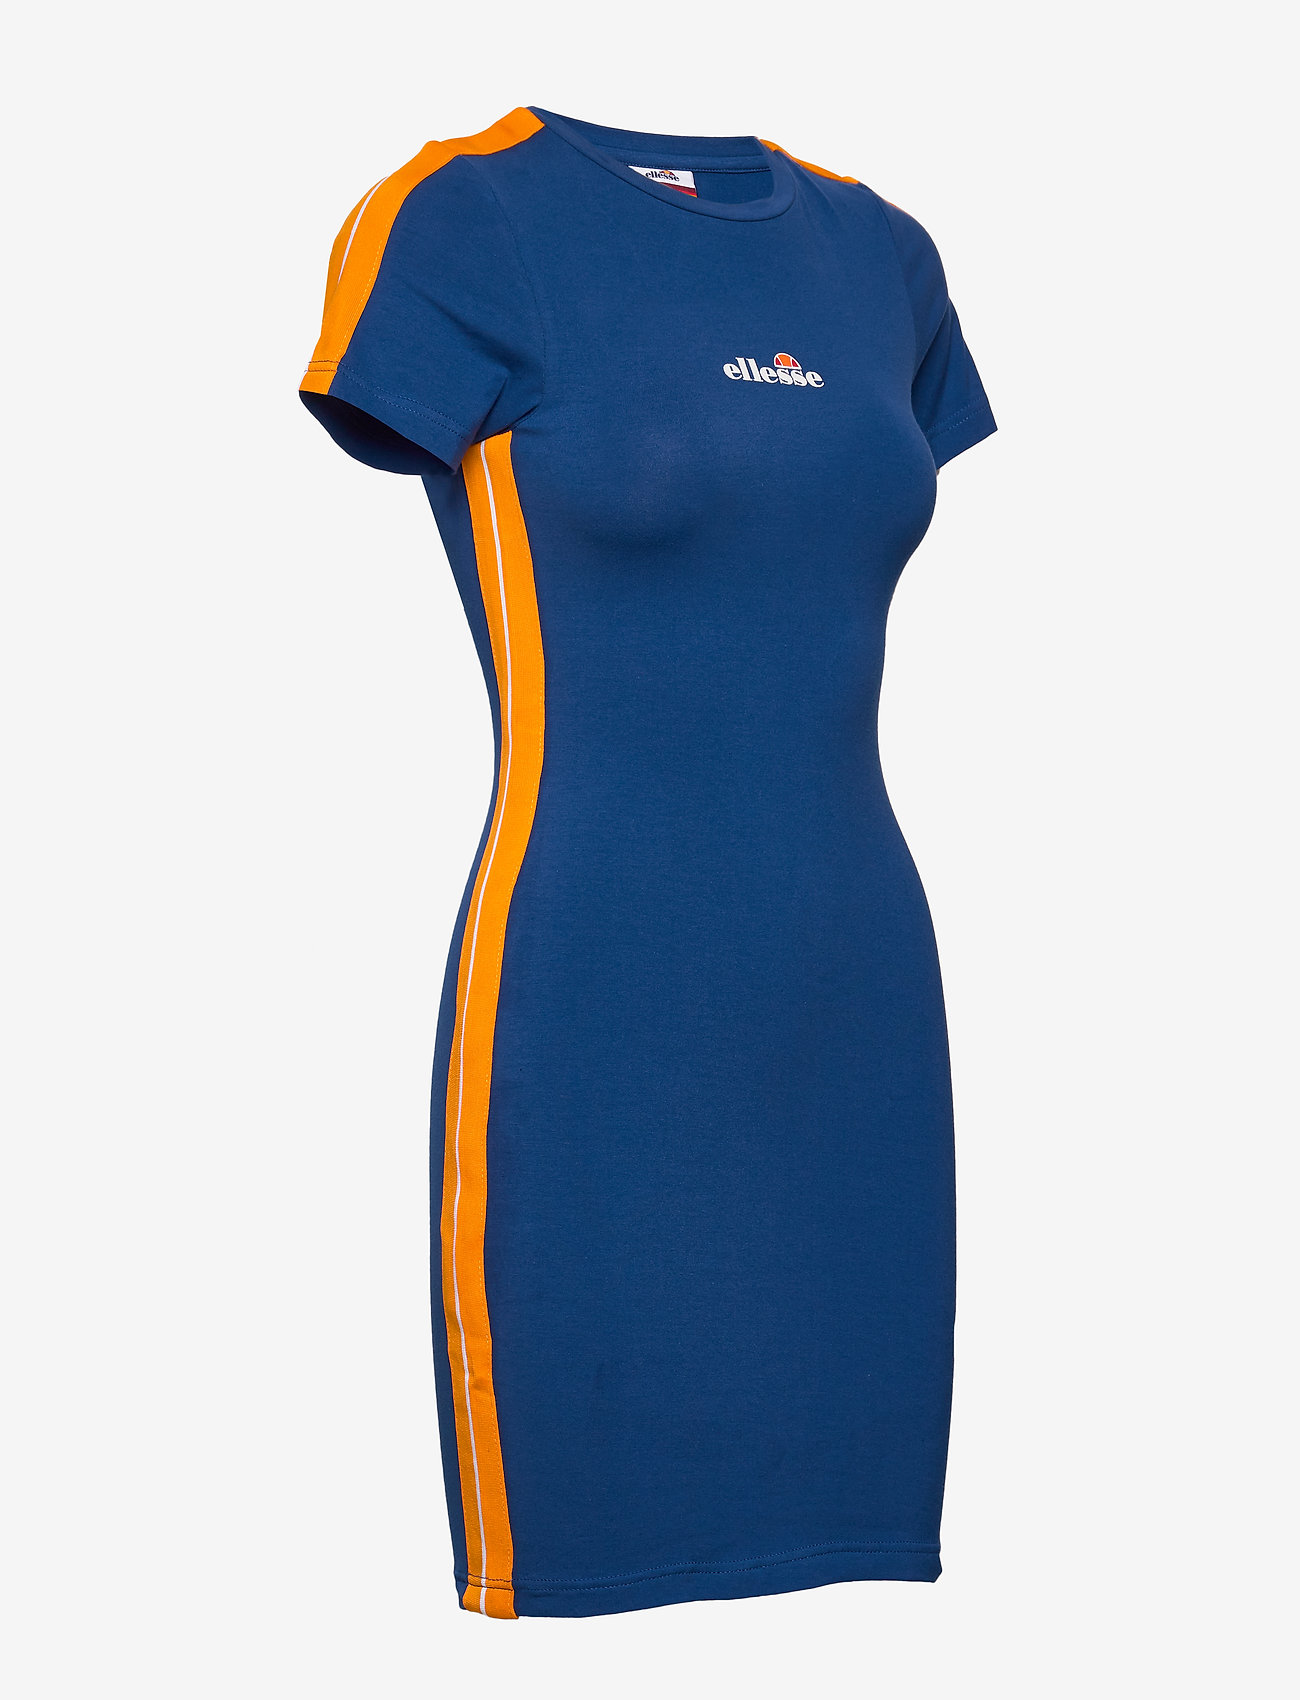 El Rigi Dress (Blue) (455 kr) - Ellesse